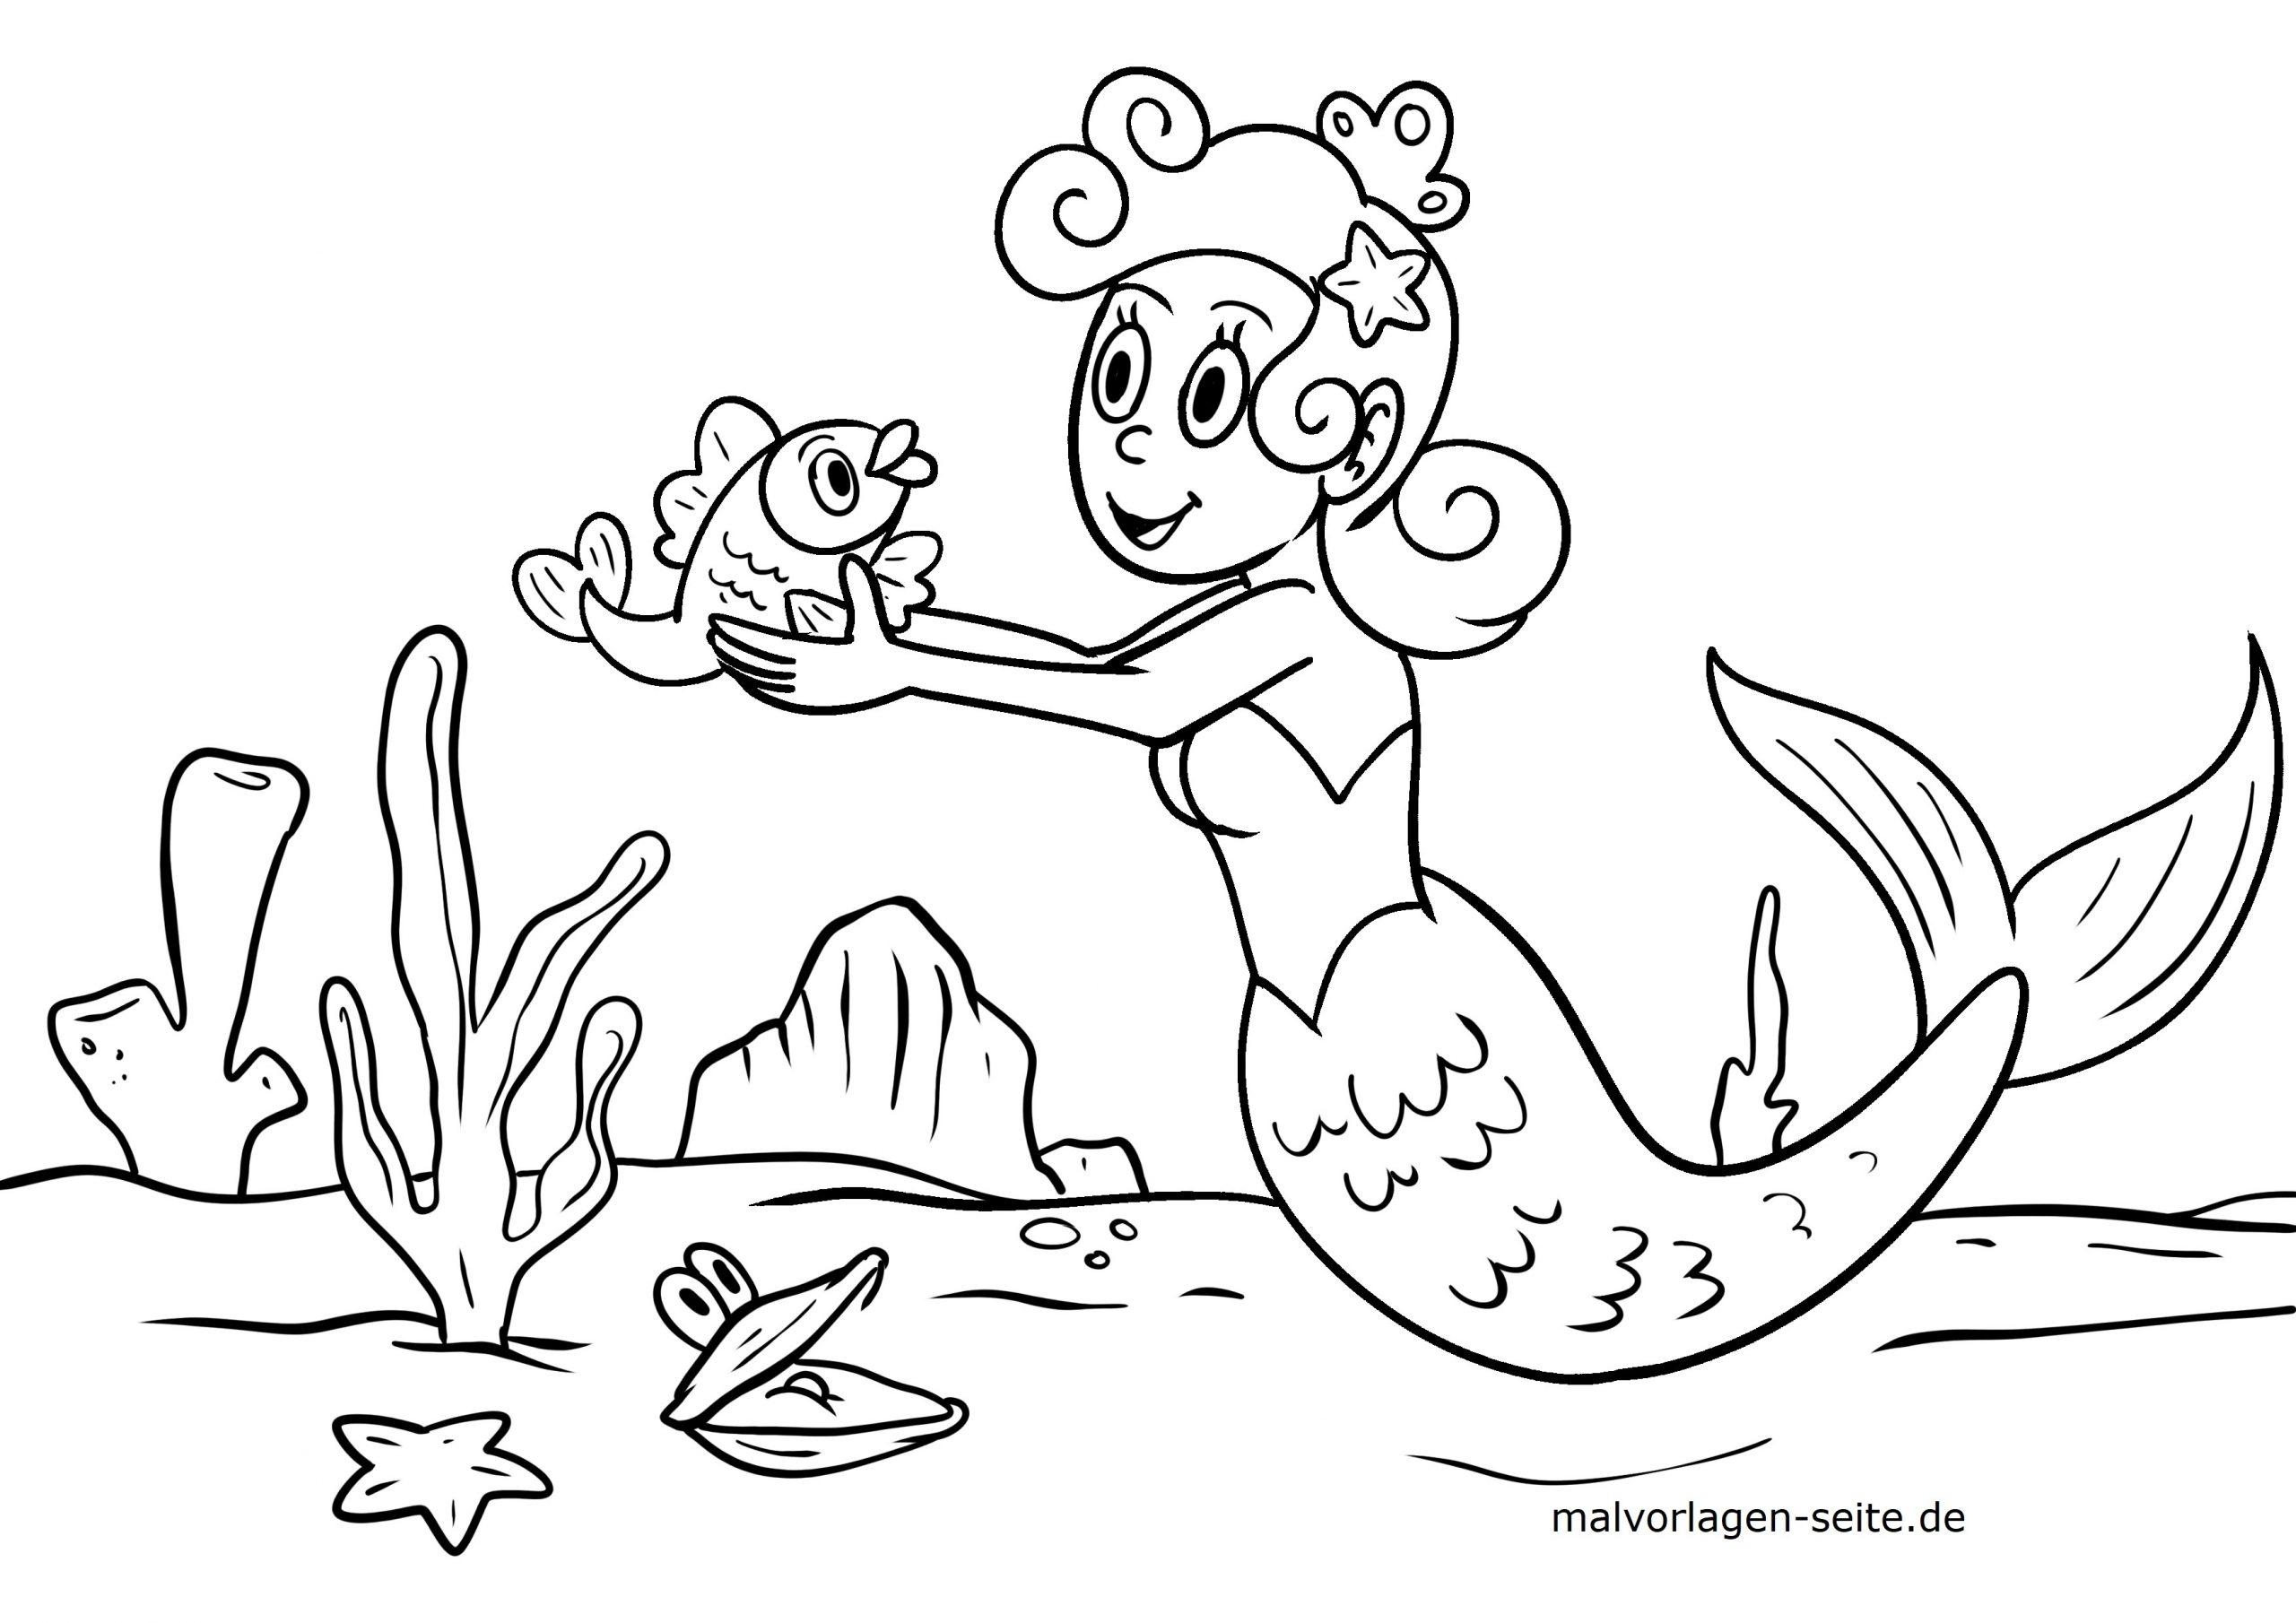 Malvorlagen Meerjungfrauen Kostenlos Herunterladen verwandt mit Meerjungfrauen Ausmalbilder